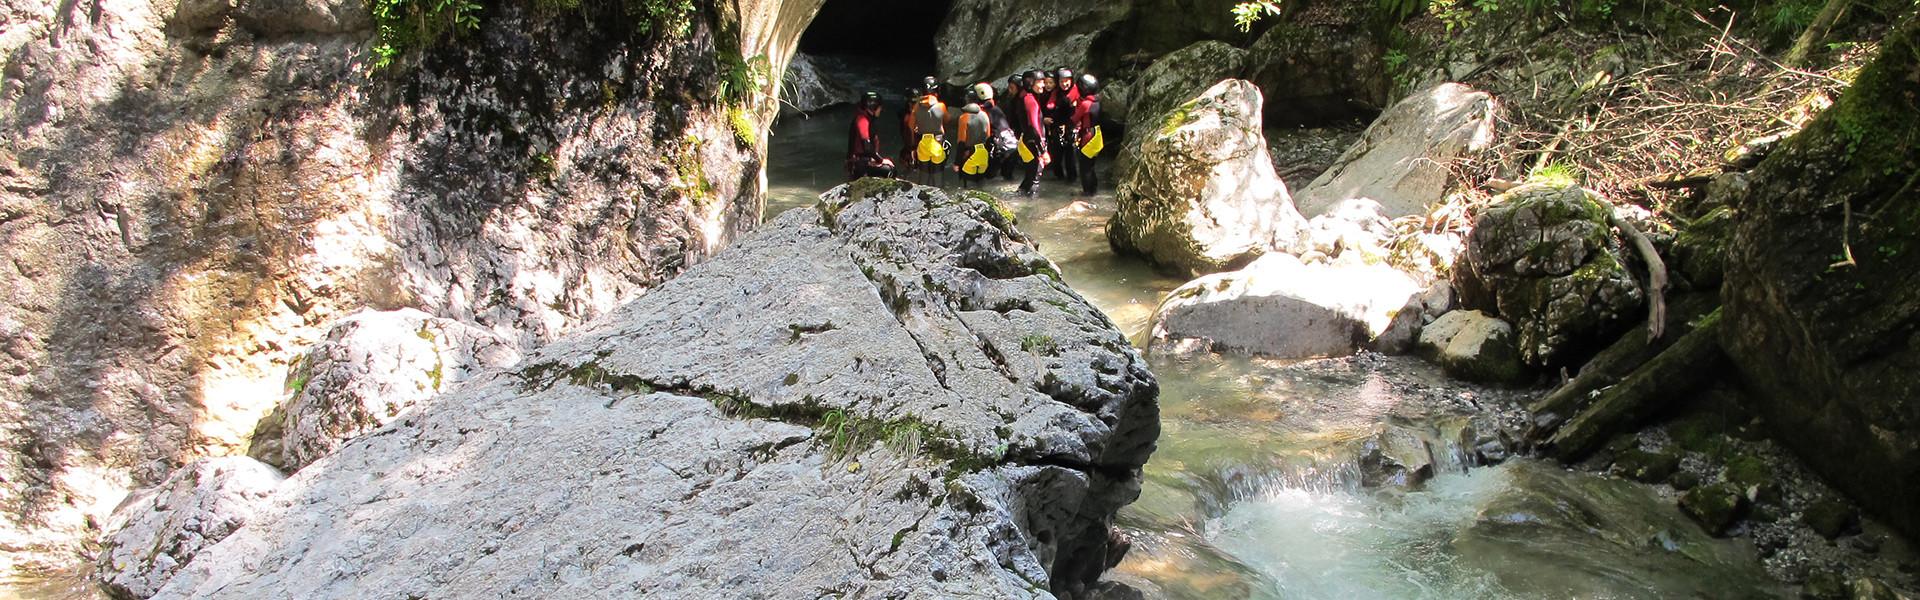 Canyoning-Gruppe in der Seisenbergklamm